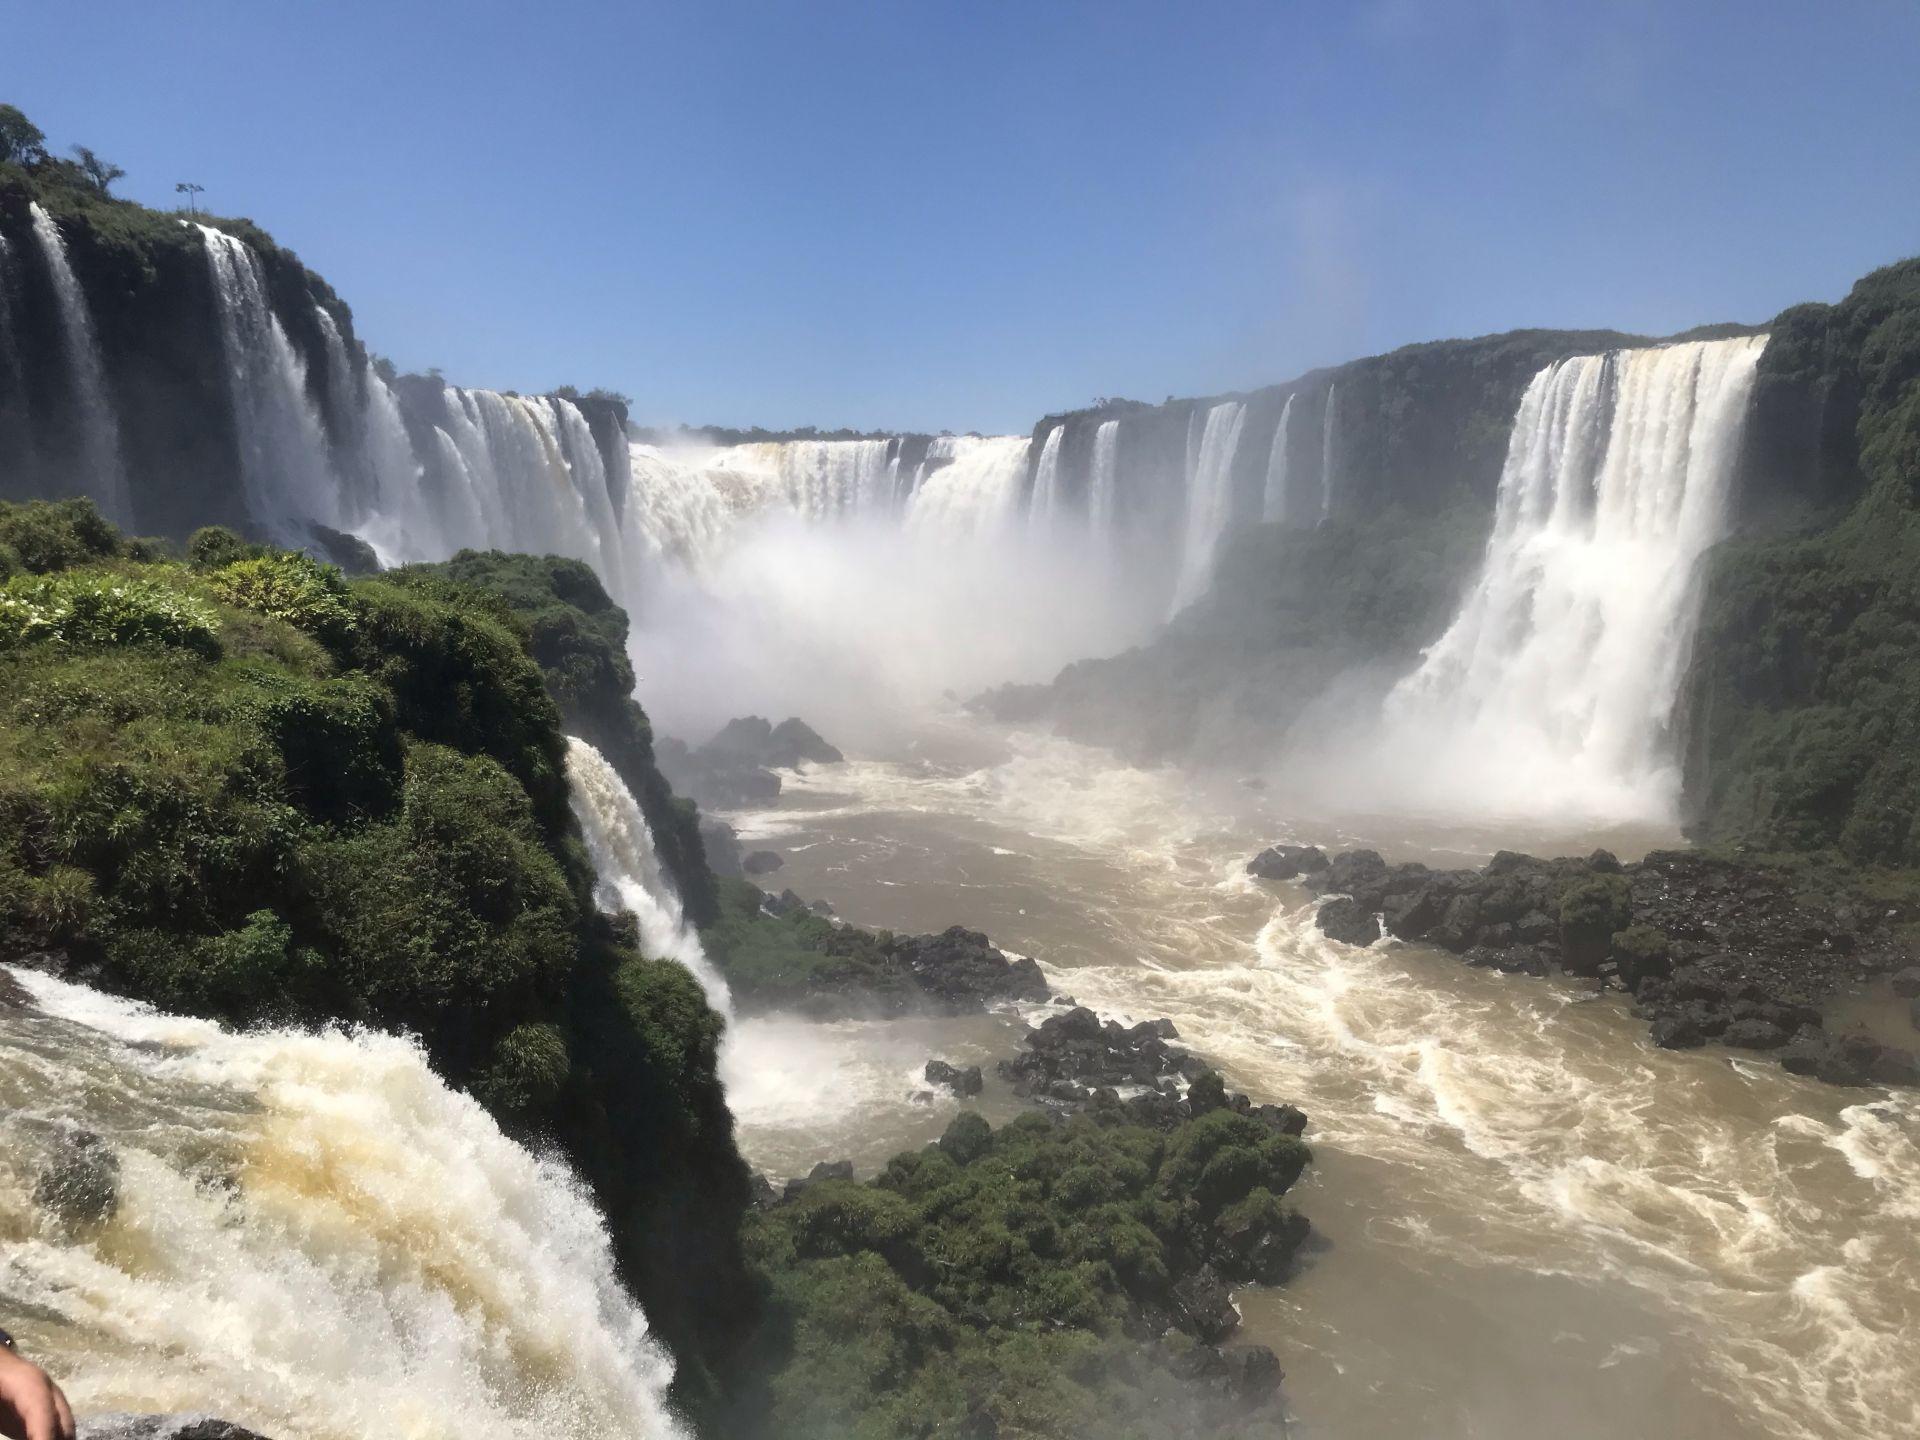 Devils Throat - Iguacu Falls - Brazil - Stu Jarvis